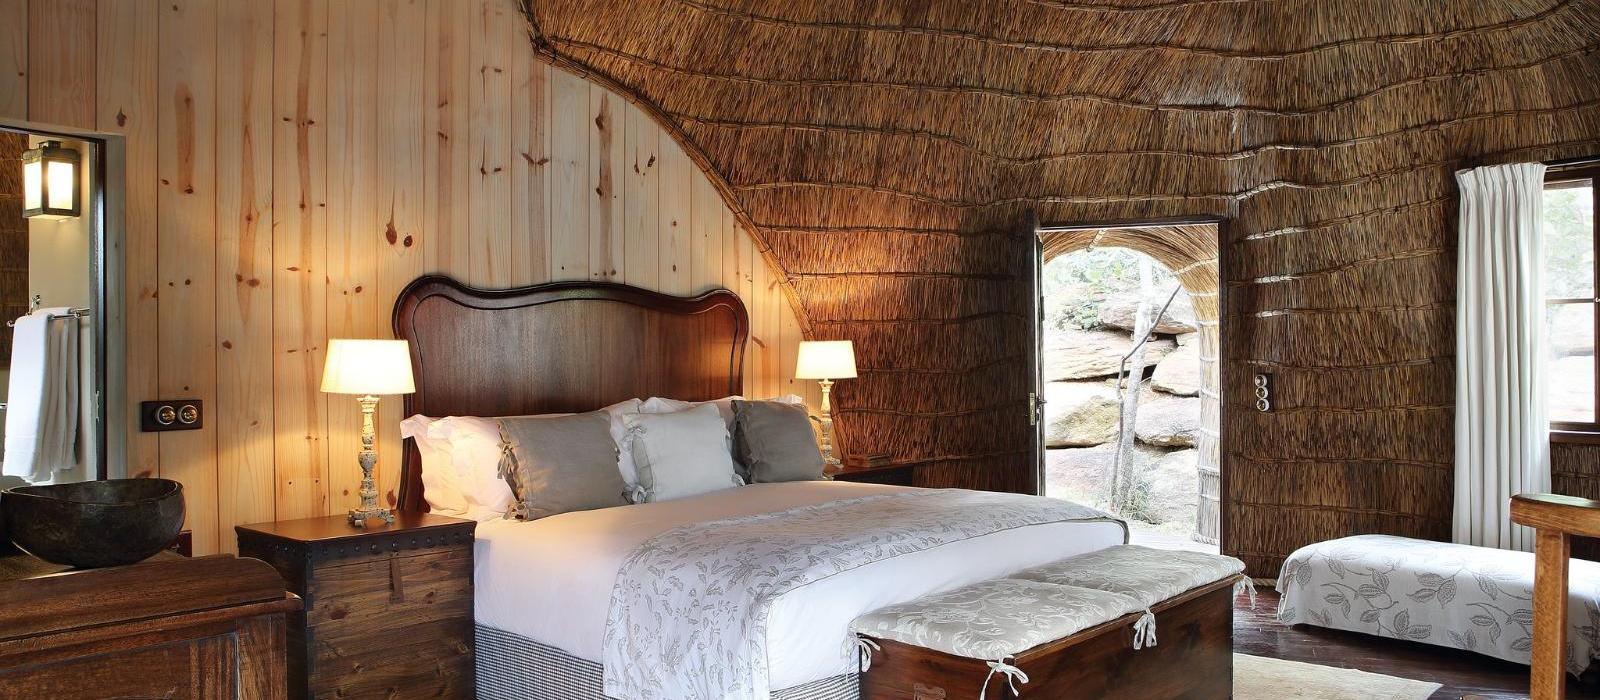 杉巴拉私人狩猎场度假酒店(Shambala Private Game Reserve) 图片  www.lhw.cn